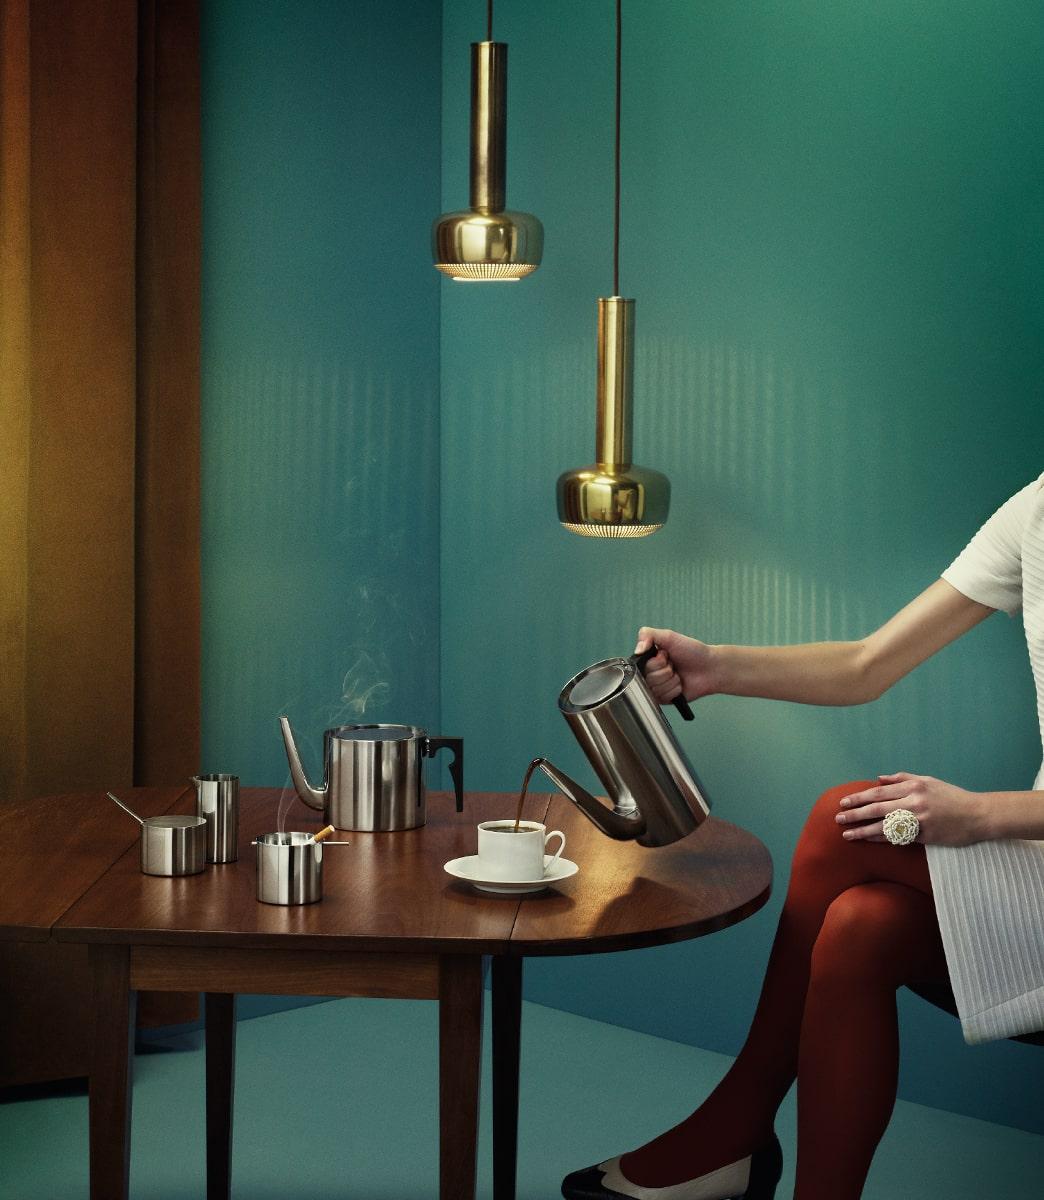 デンマークの巨匠・アルネ・ヤコブセンがデザインしたステンレス製テーブルウェア「シリンダライン」